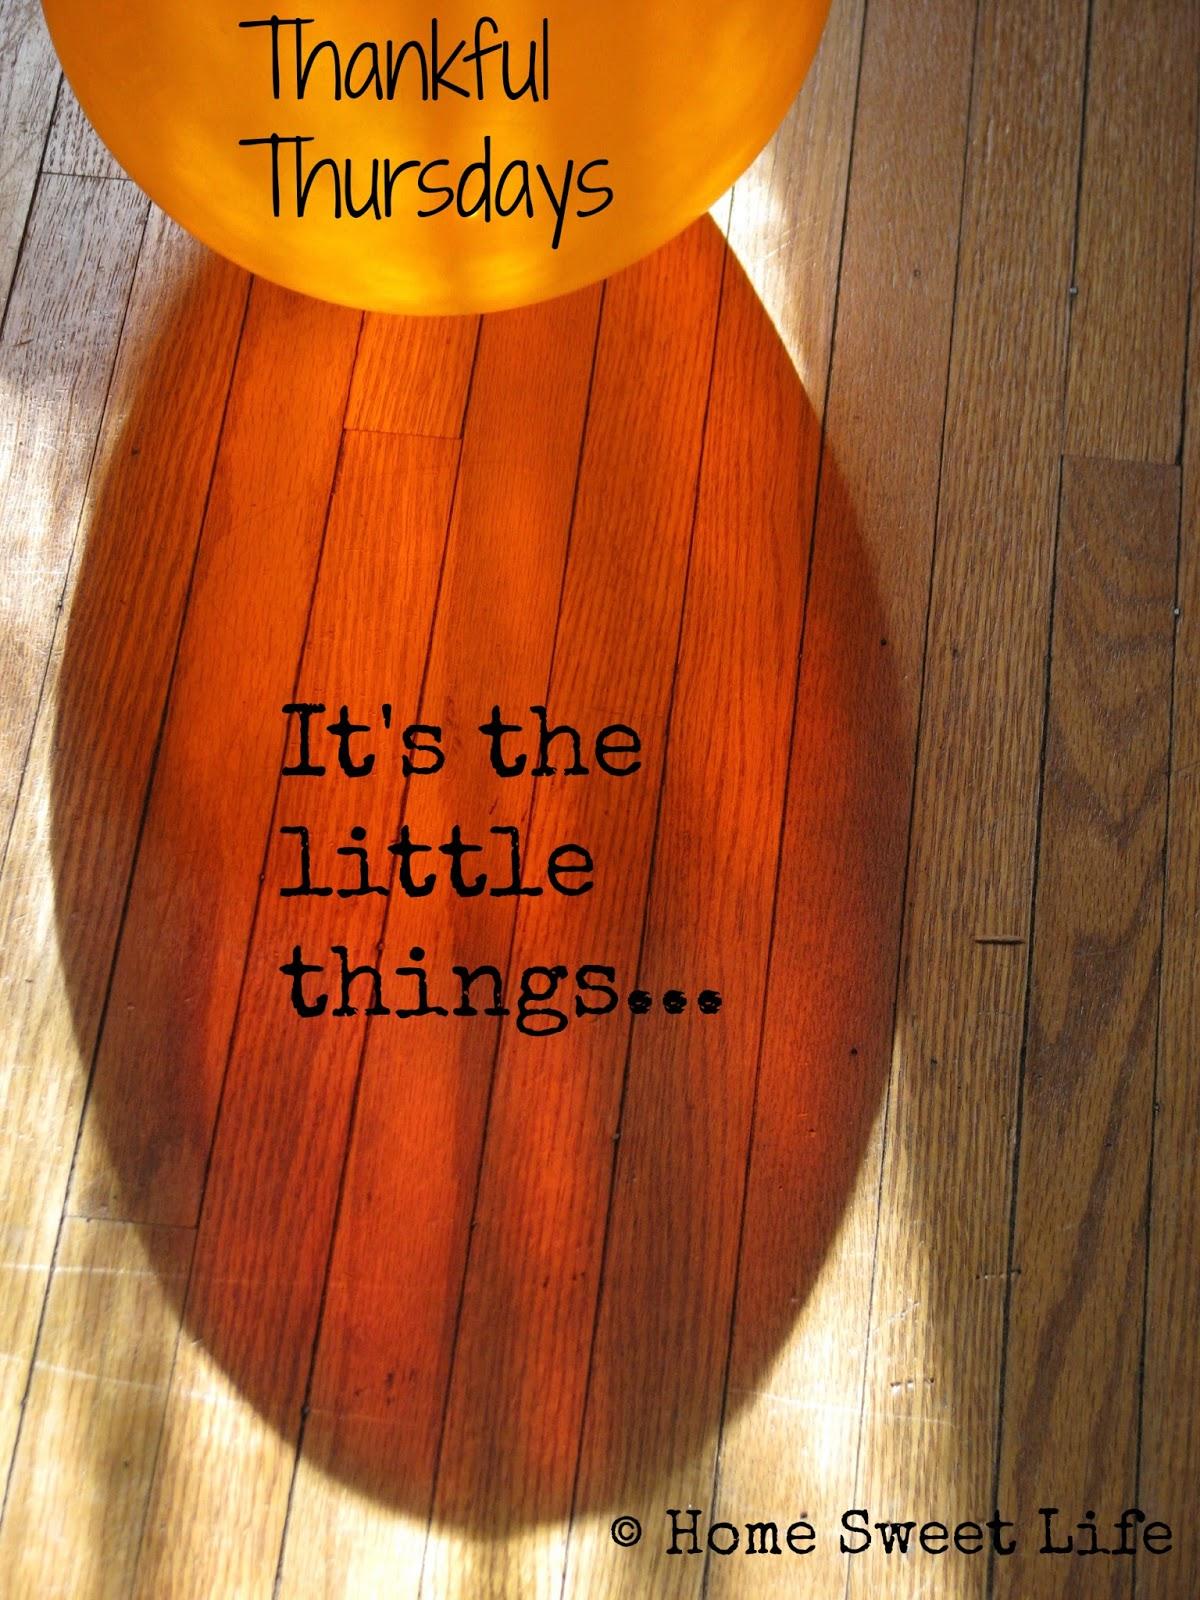 Thankful Thursdays, thankfulness